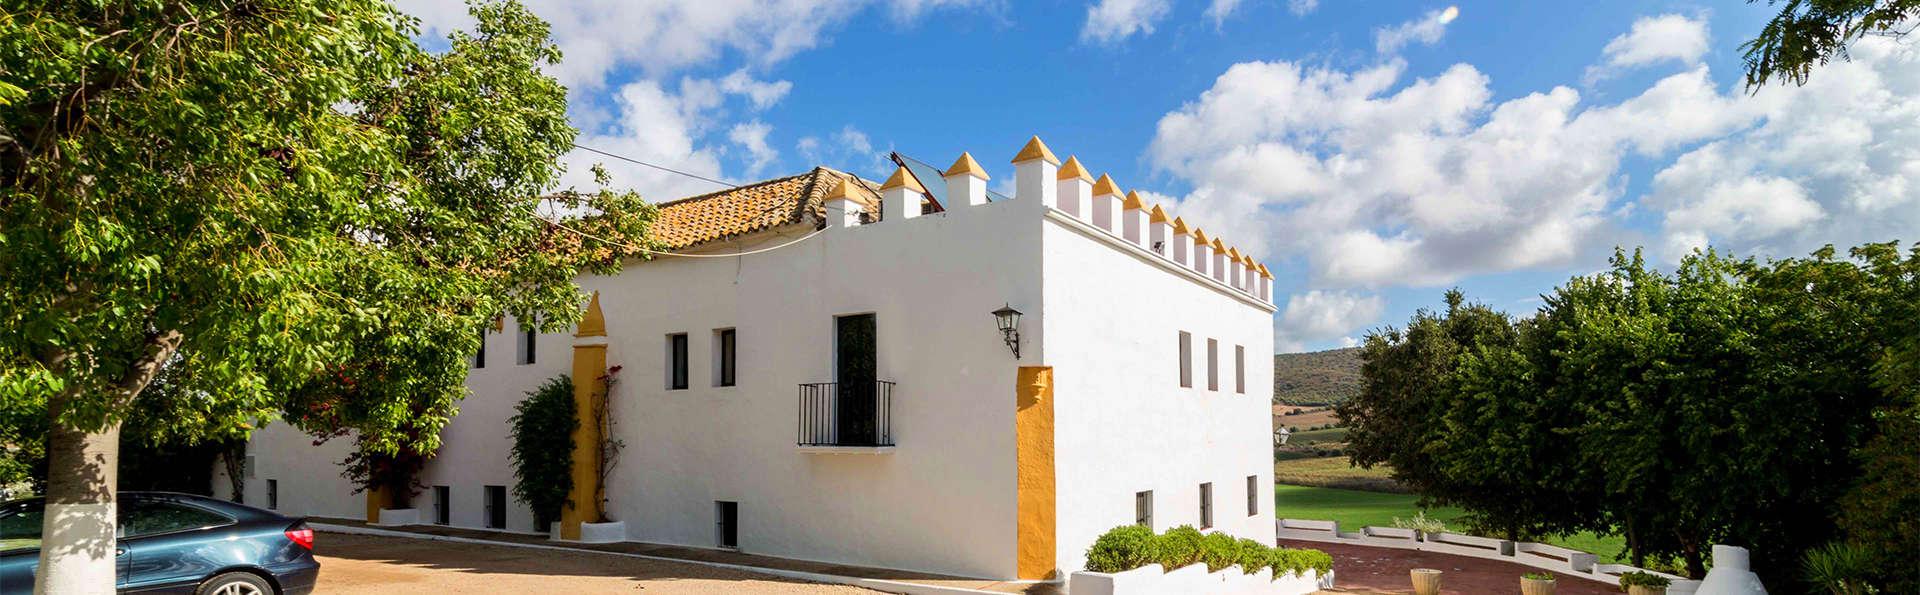 Hacienda El Santiscal (Adults Only) - EDIT_Exterior2.jpg